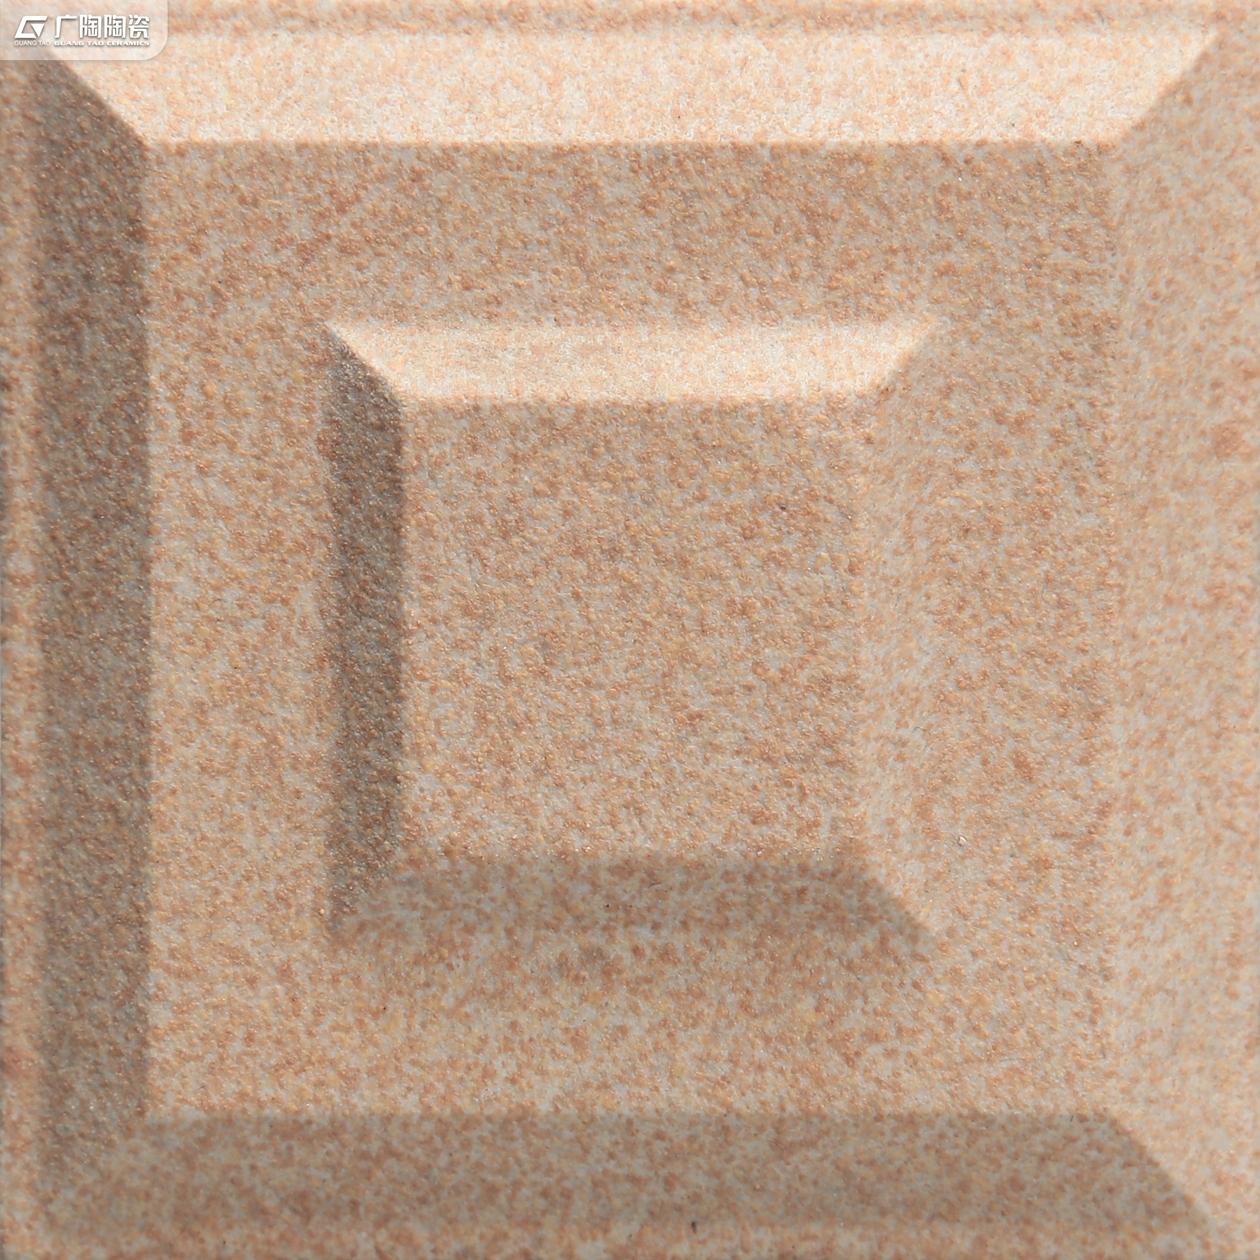 ZAE01A317D.jpg